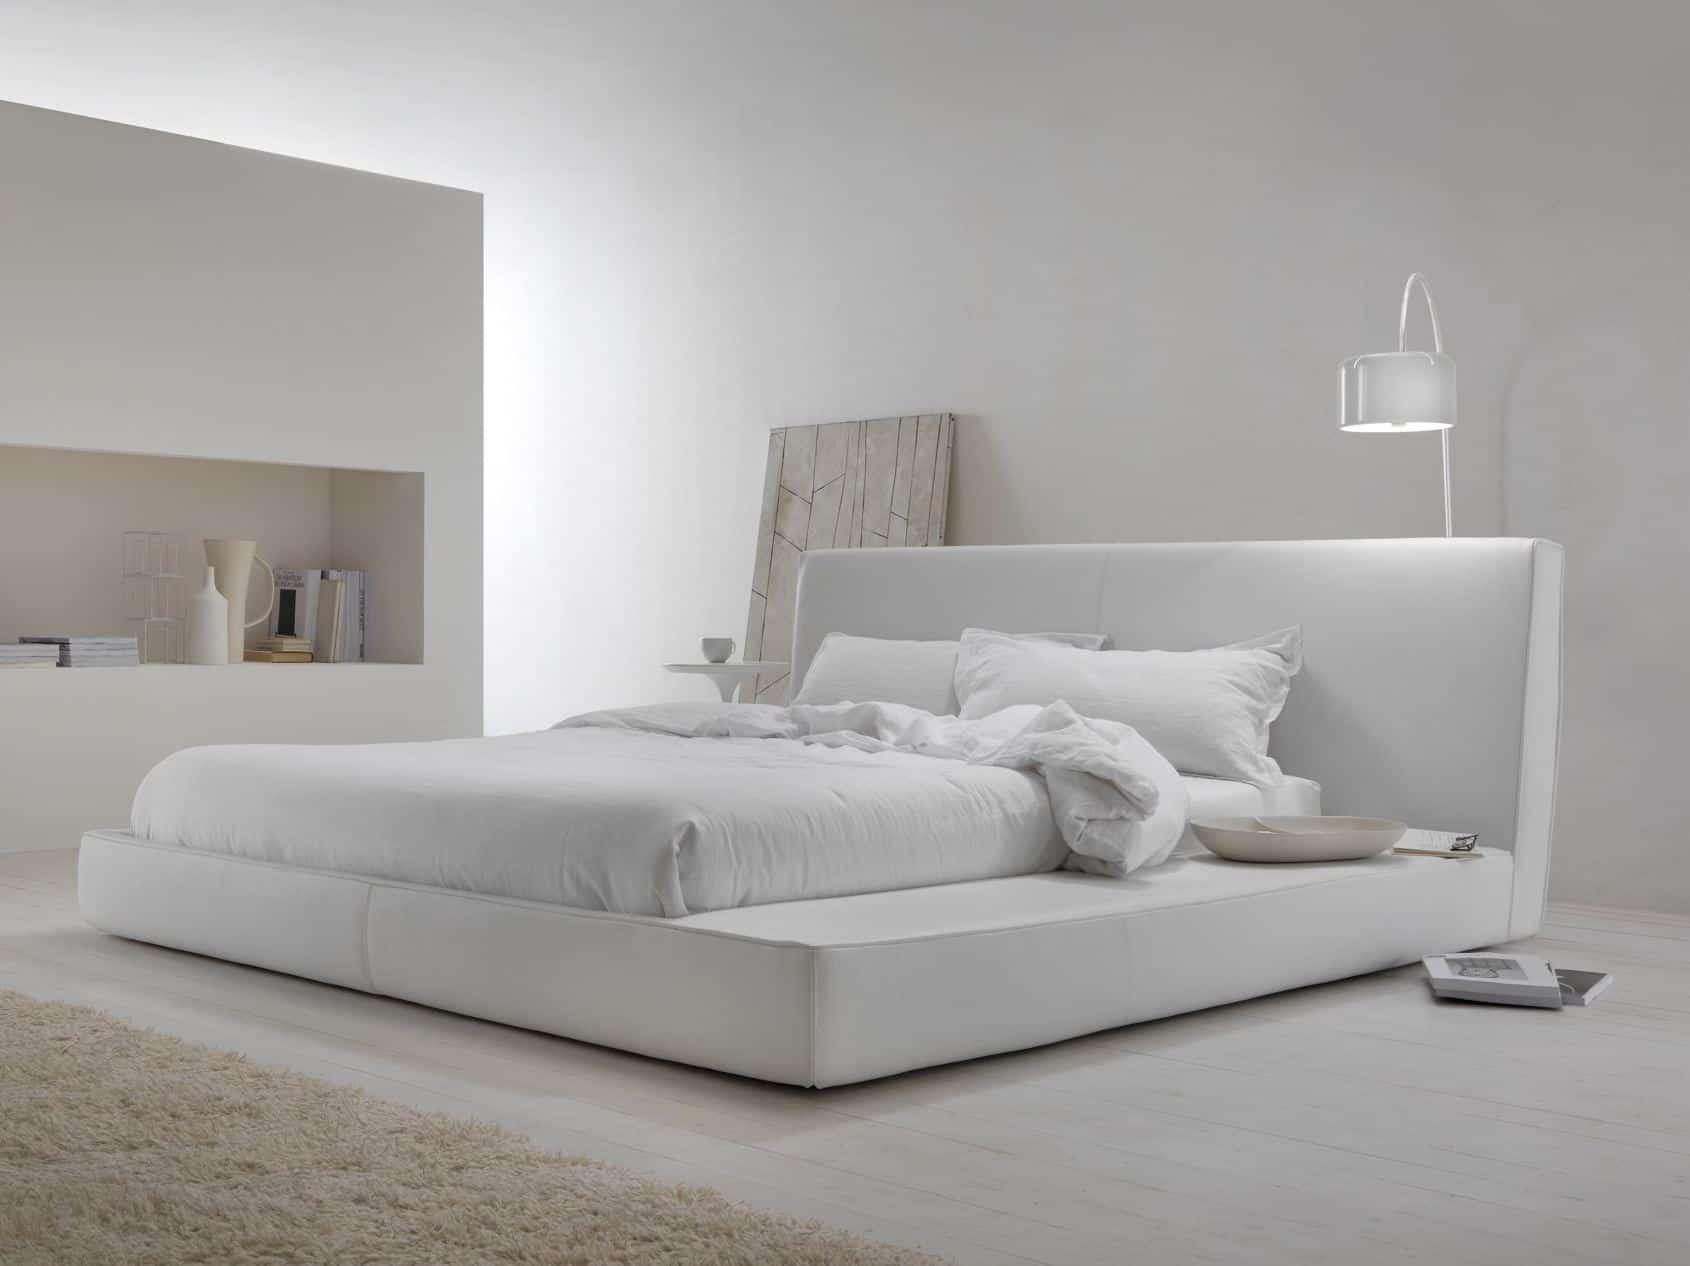 50 Modern Bedroom Design Ideas on Bedroom Design Minimalist  id=97472